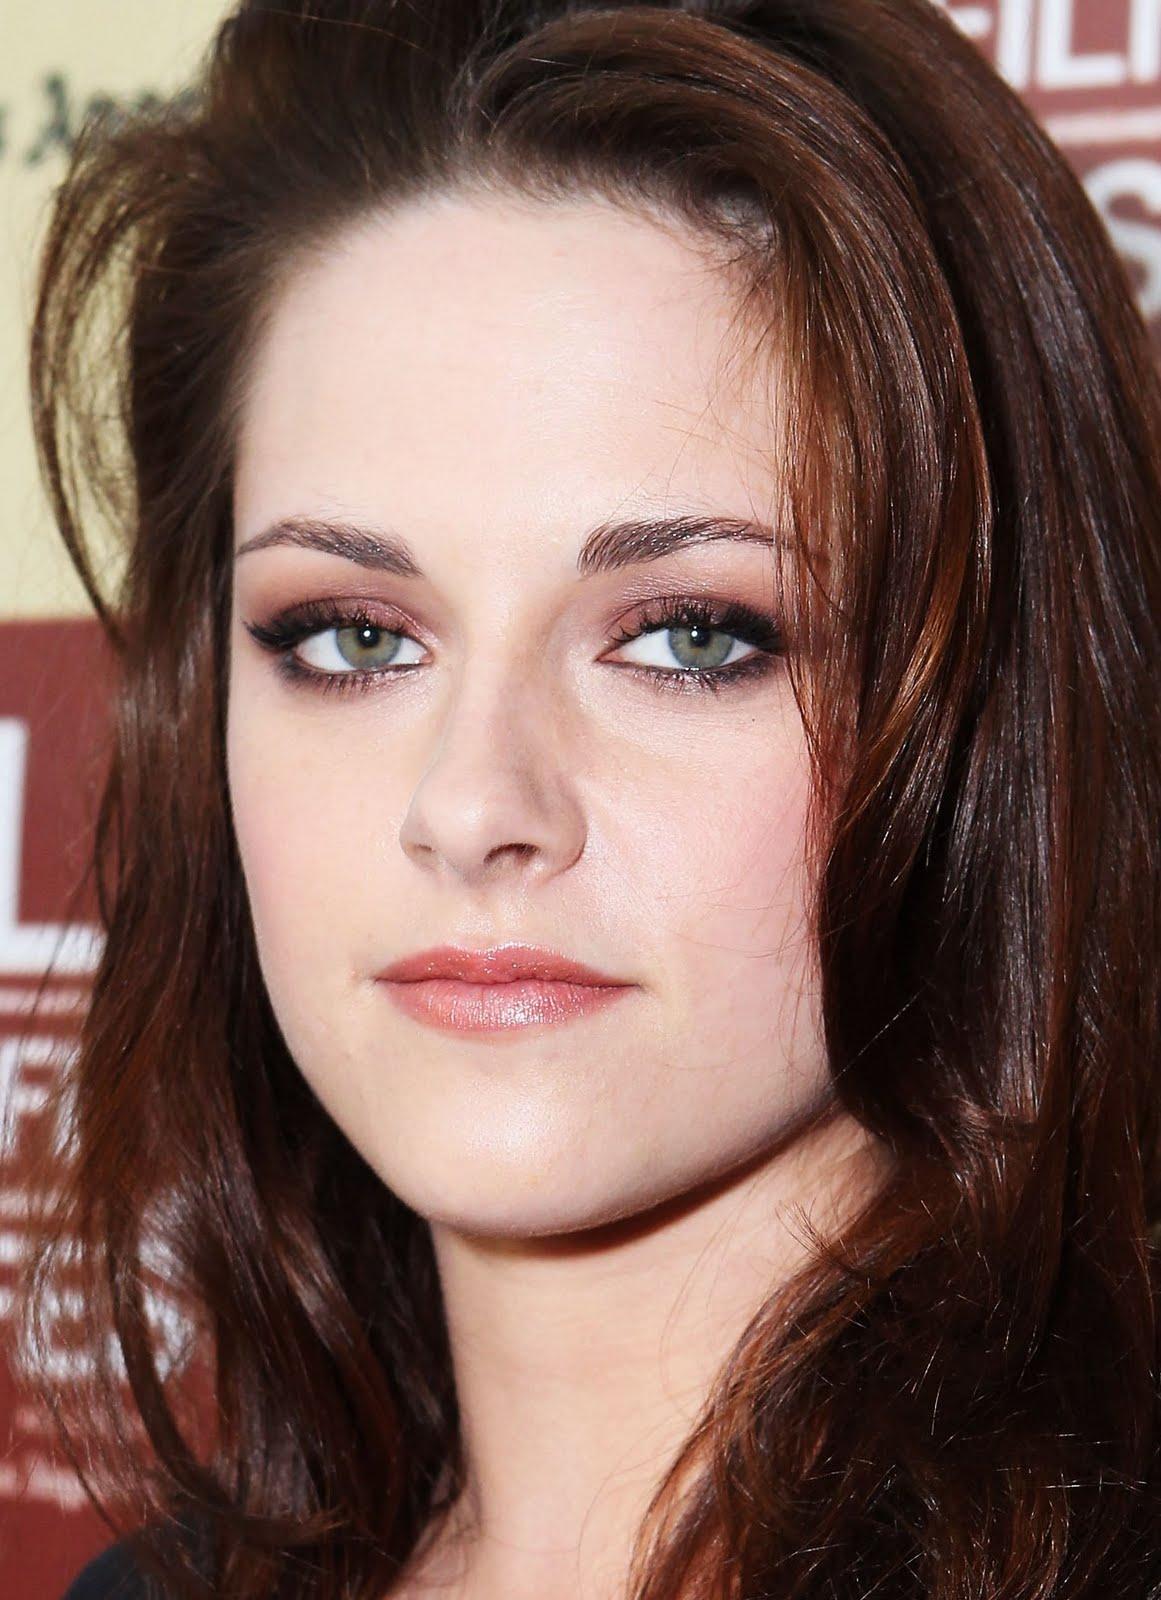 Twilighters Por Siempre: ¿Quieres maquillarte como Kristen Stewart?